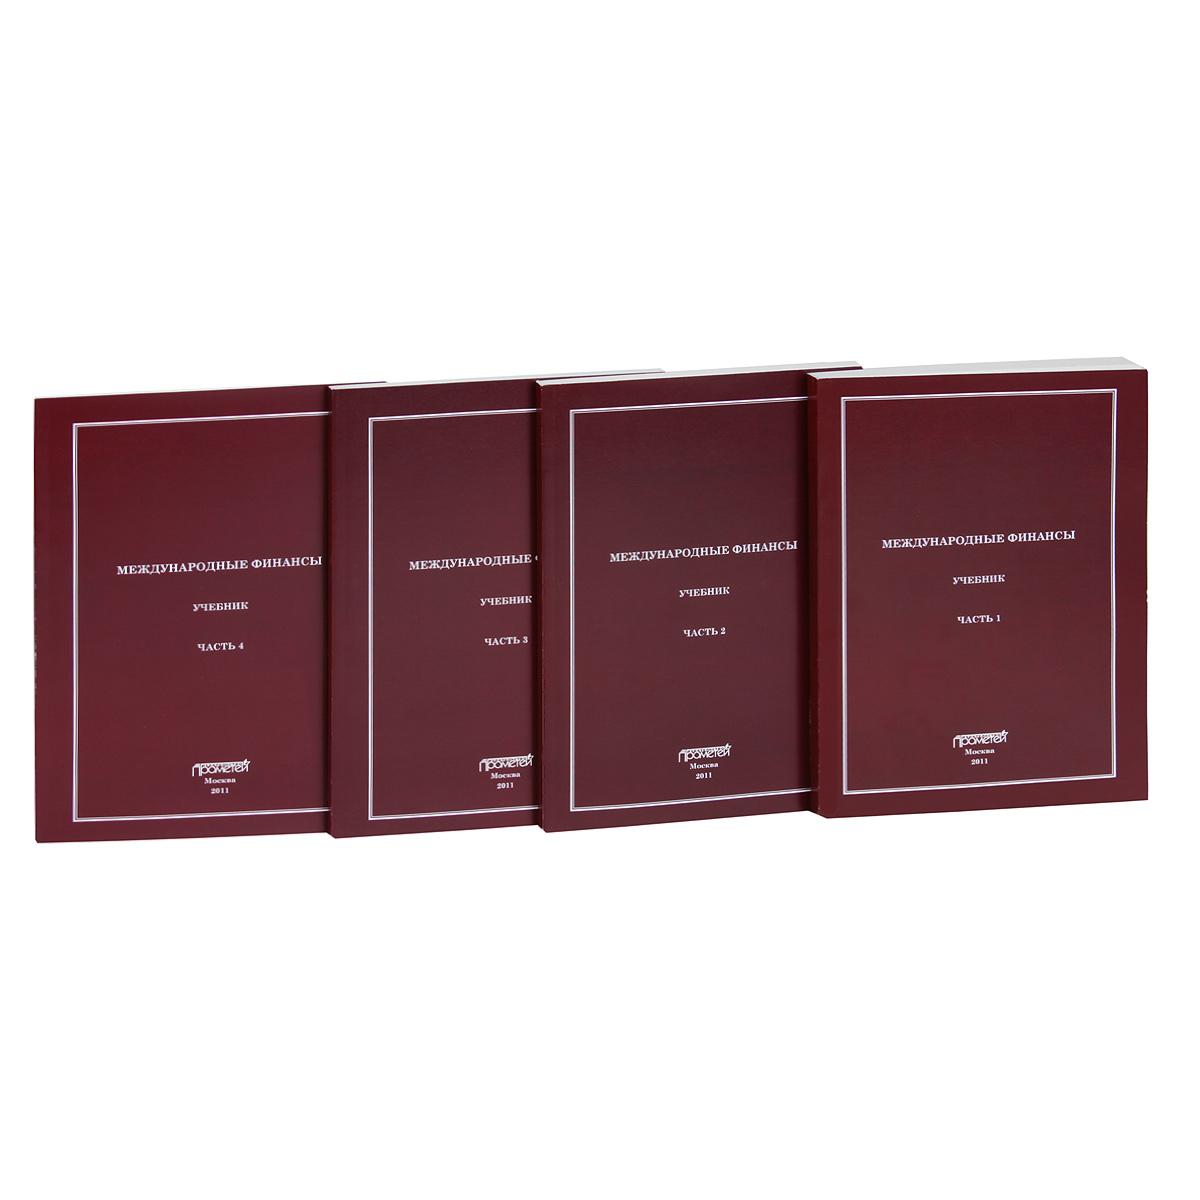 Международные финансы (комплект из 4 книг)